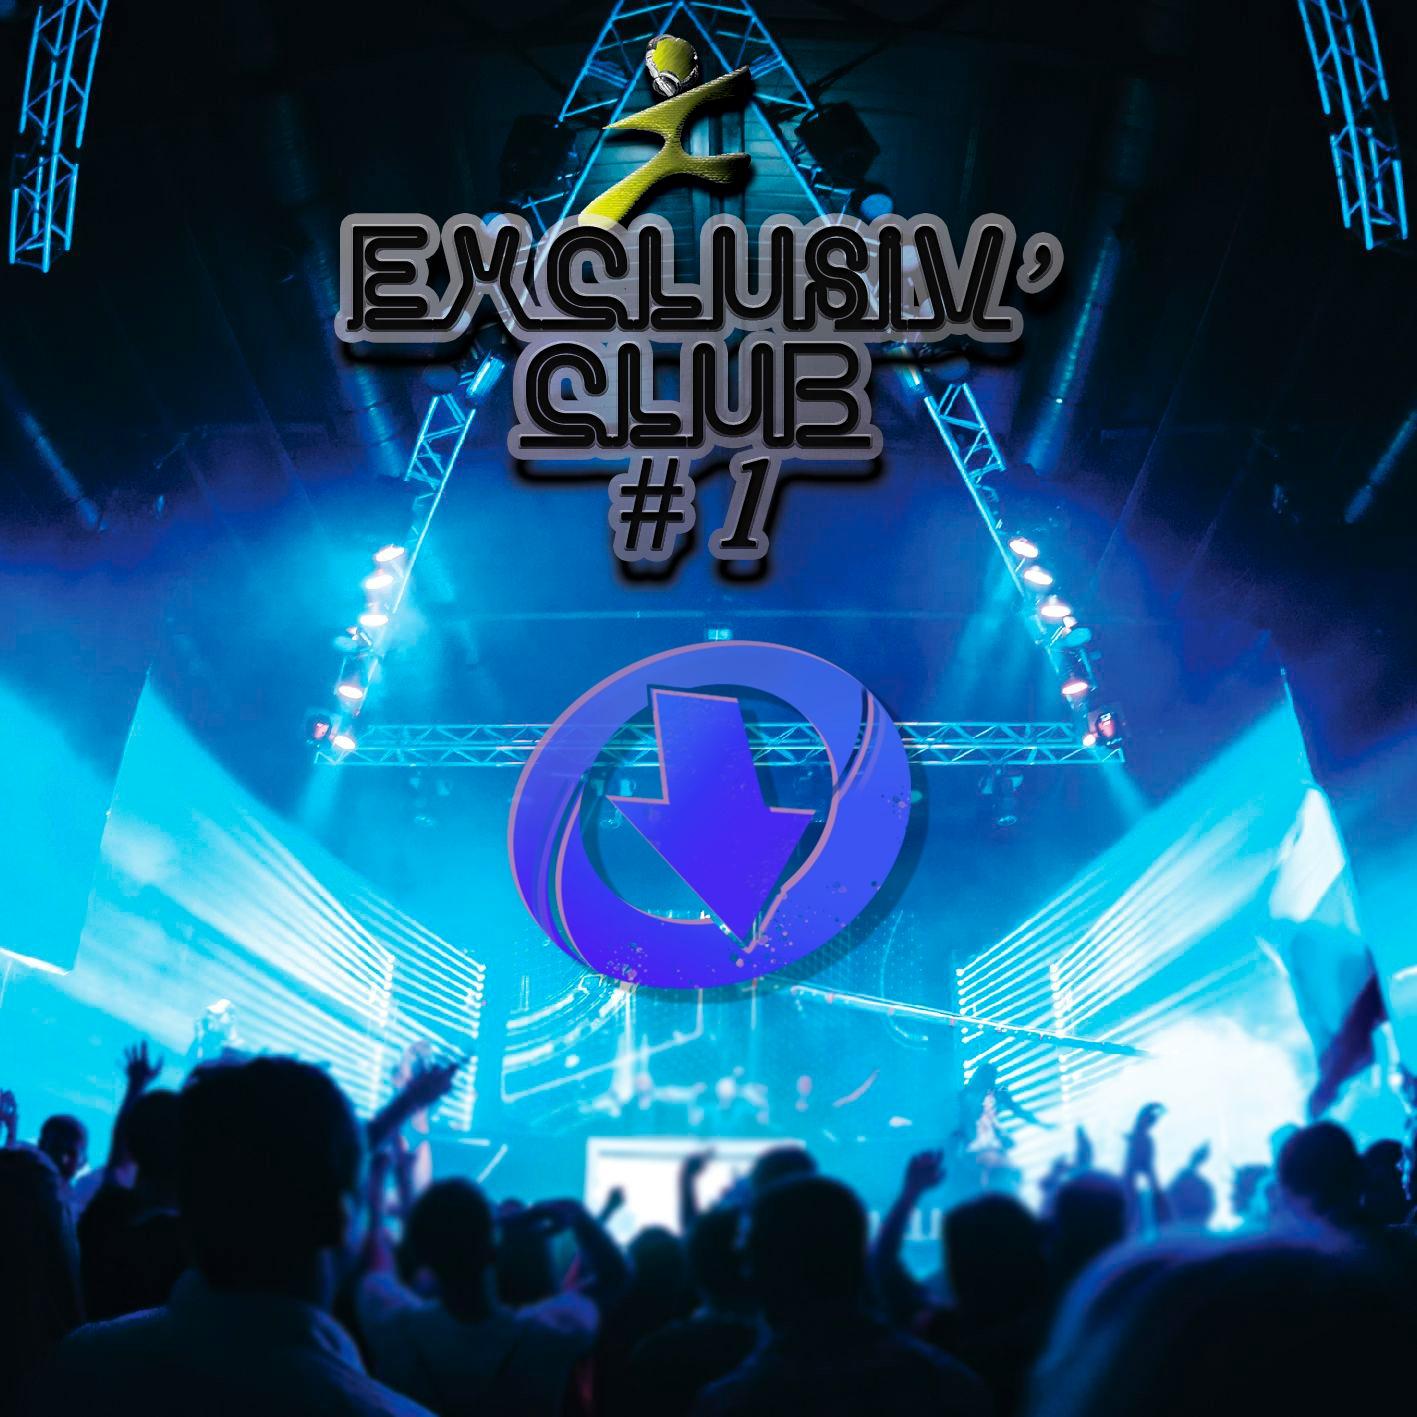 EXCLUSIV' CLUB # 1 – Téléchargement Numérique